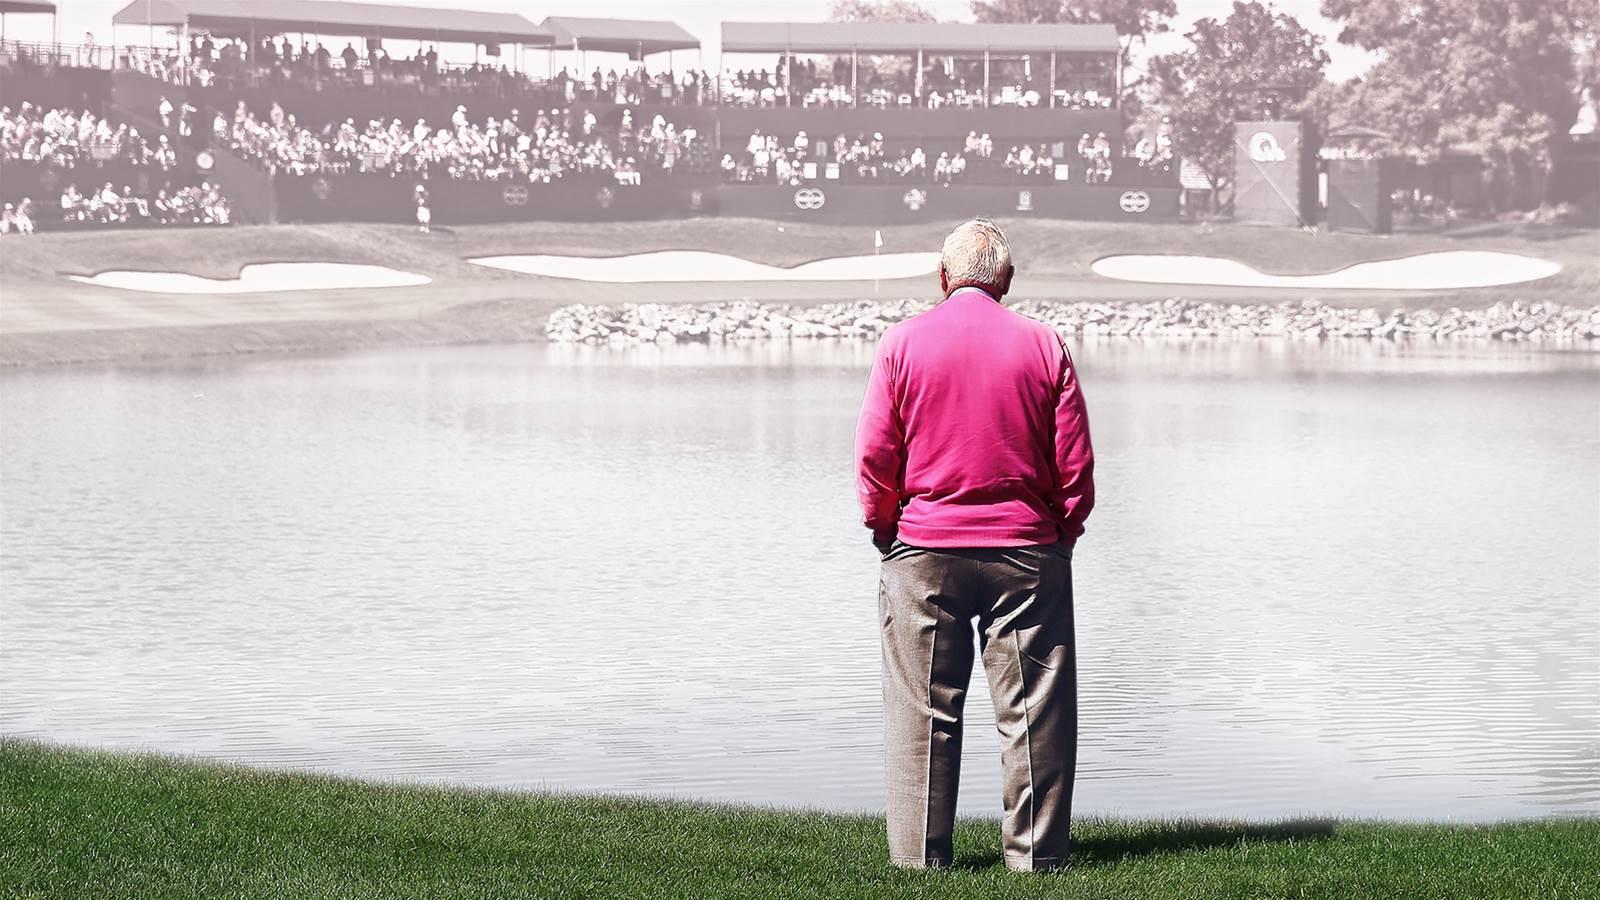 In Arnie's honour